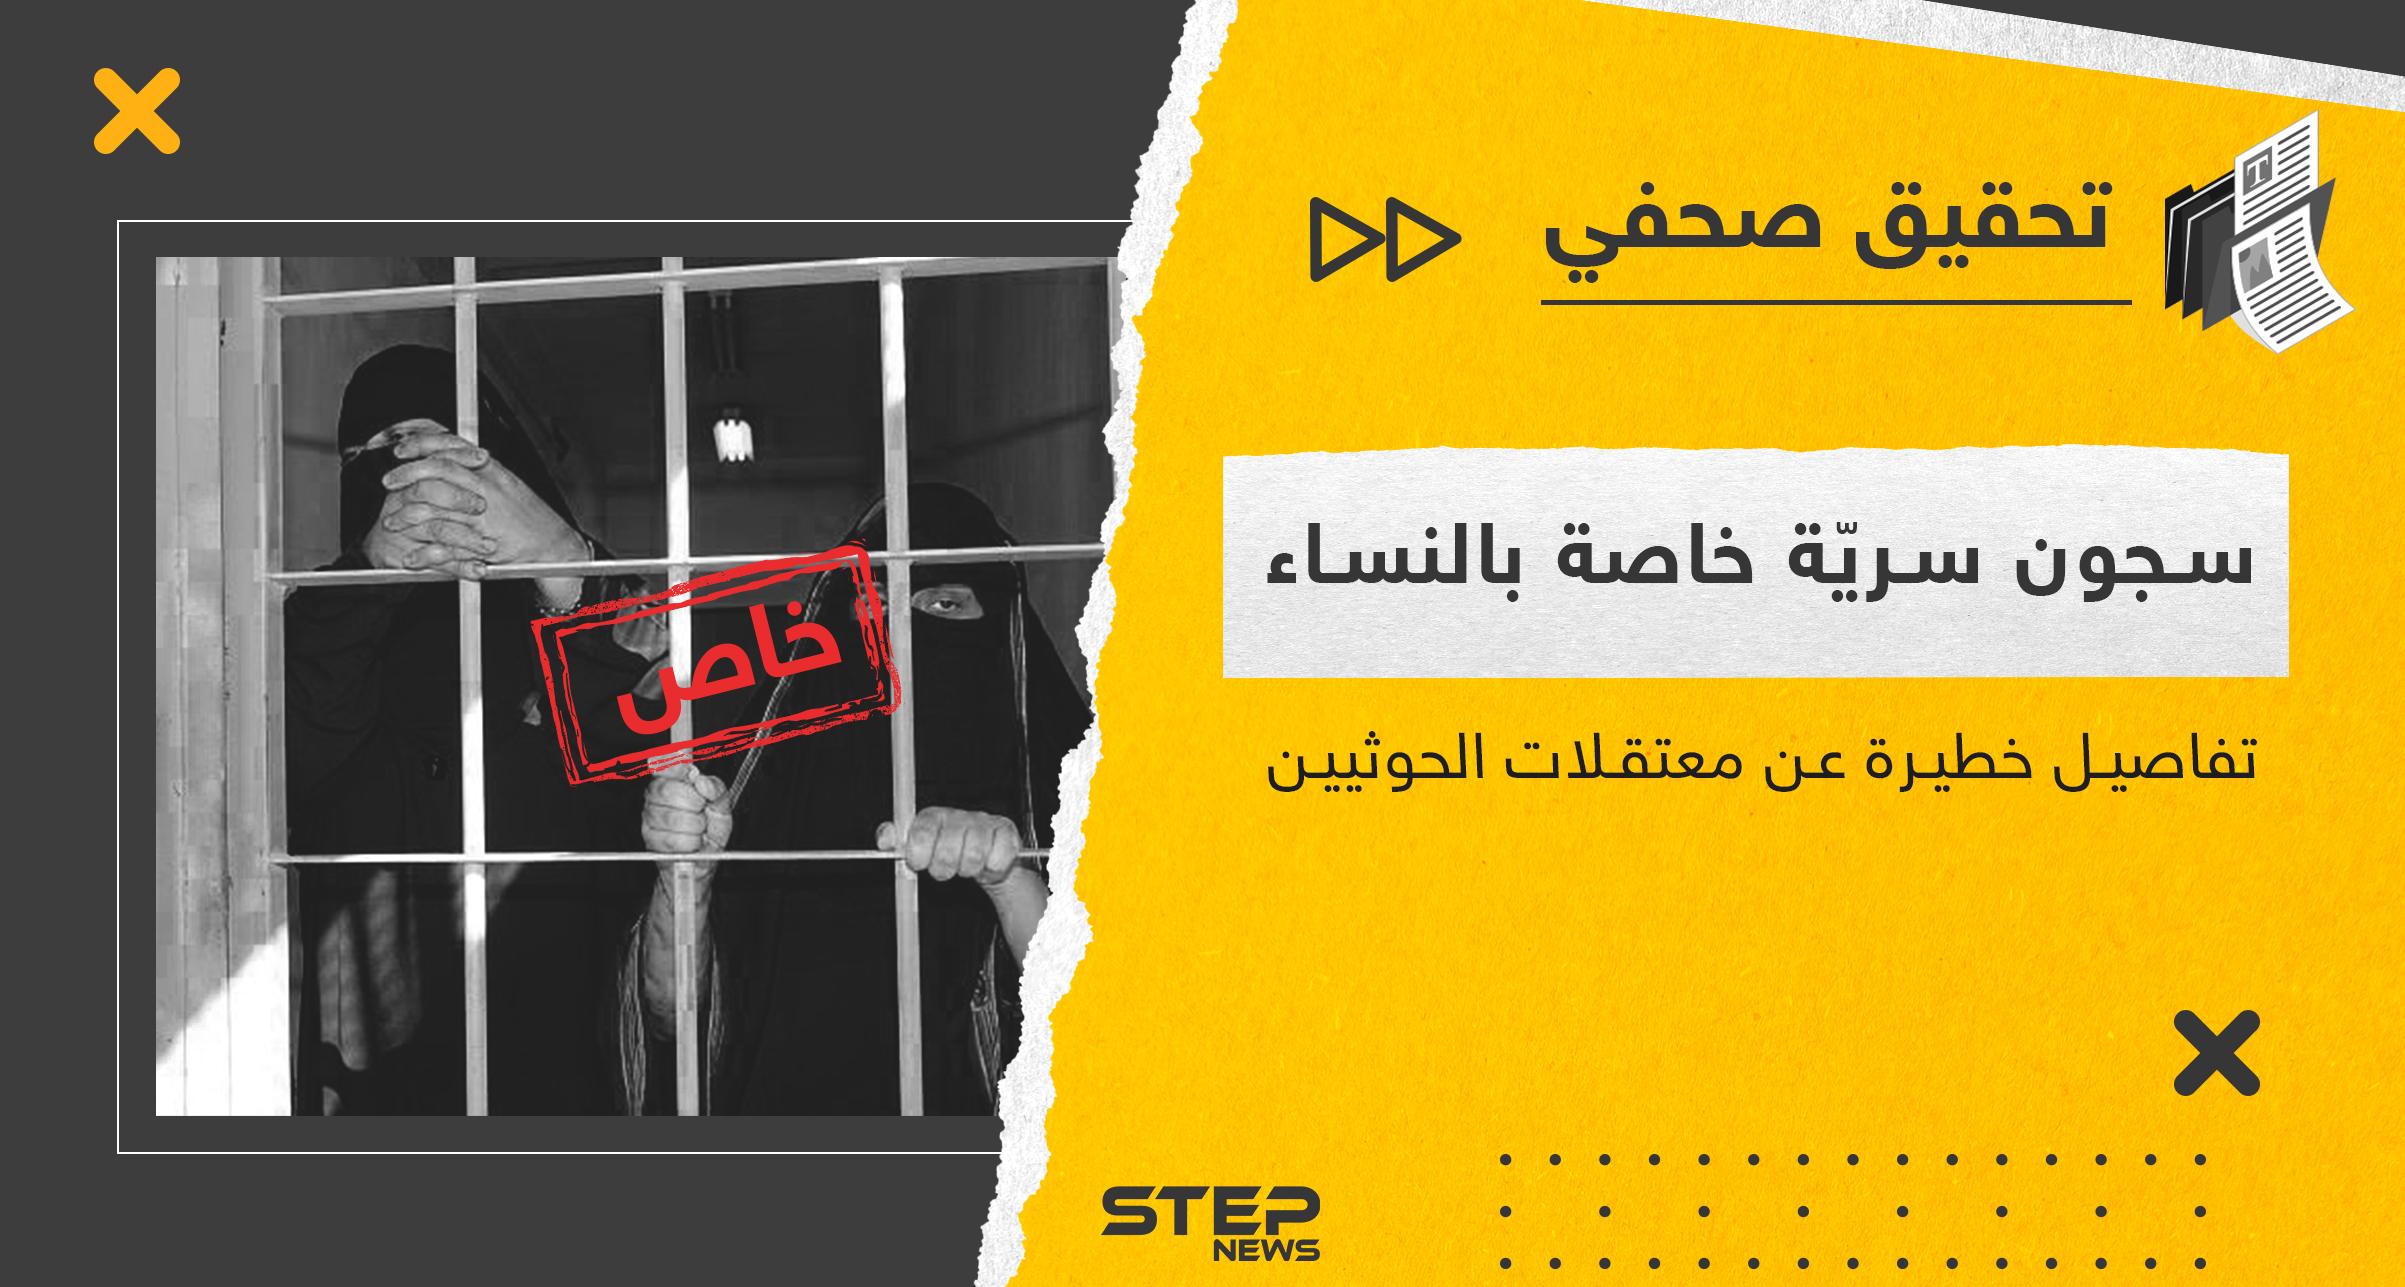 نزع الأظافر واغتصاب النساء بسجون سريّة.. لِمَ تعتقل جماعة الحوثي النساء اليمنيات وكيف؟؟